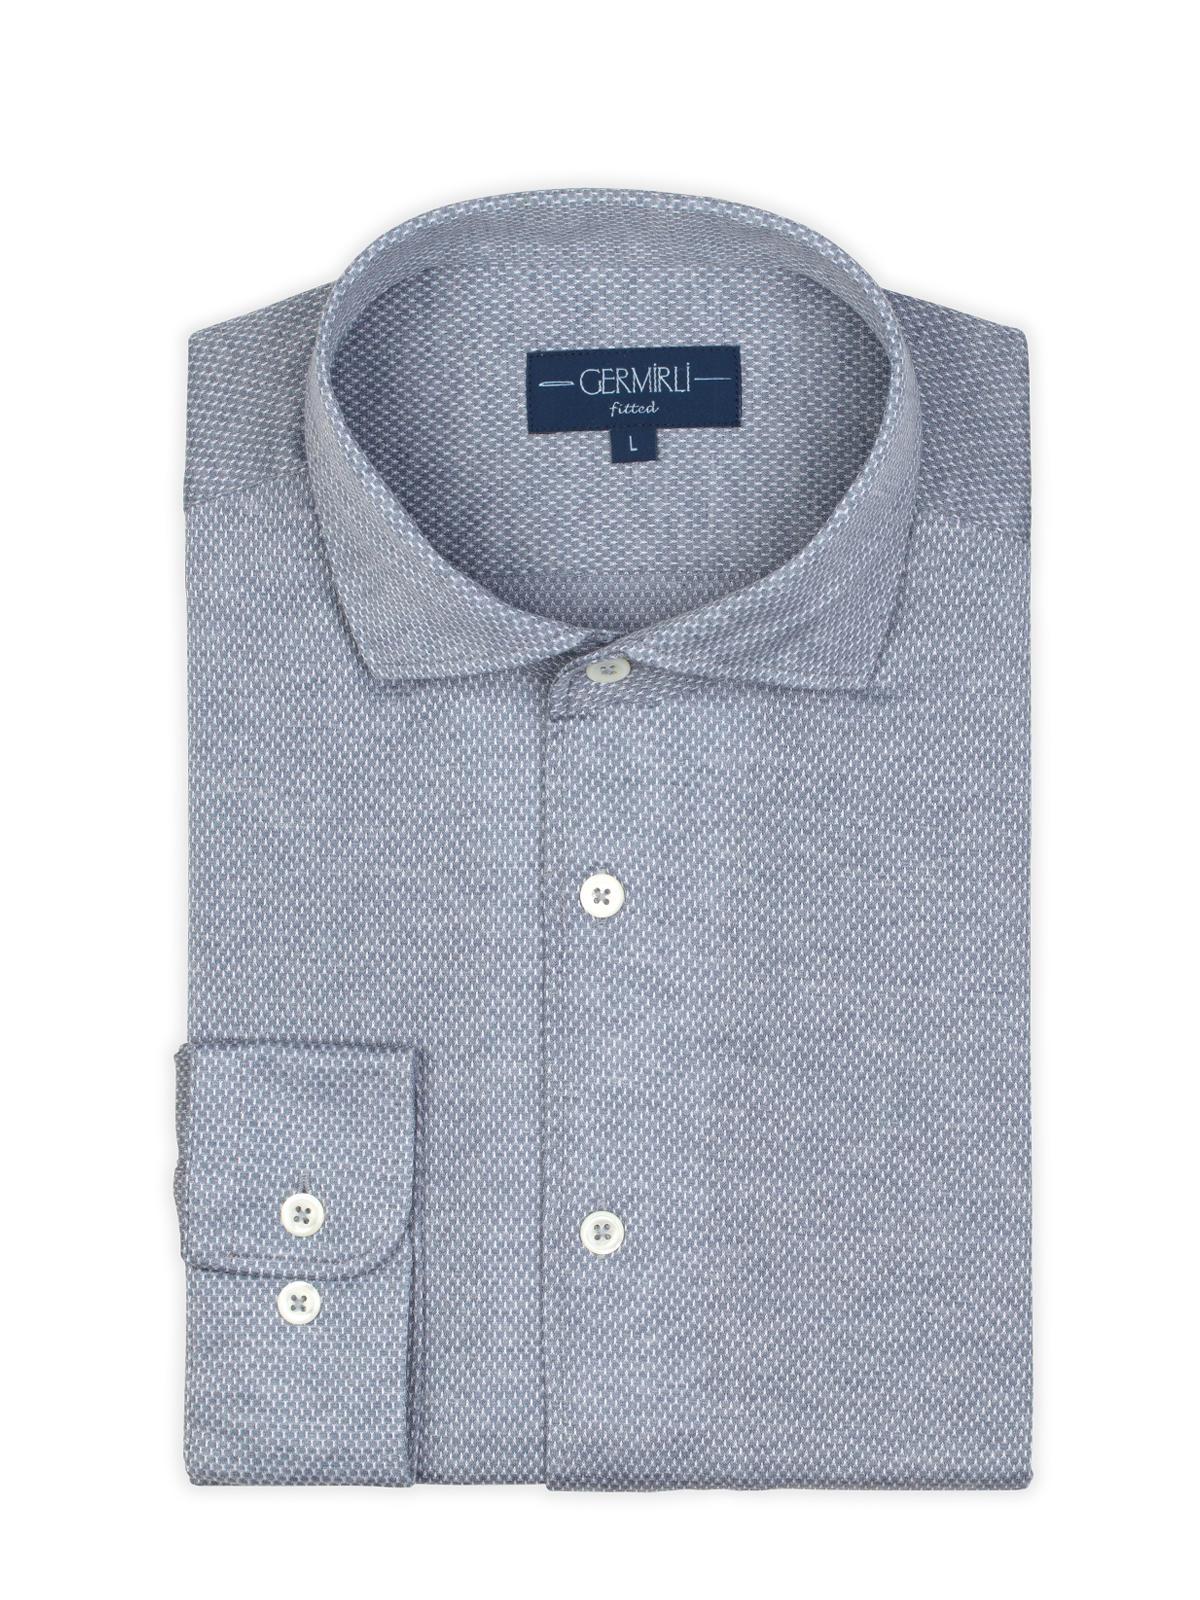 Germirli Nevapaş Tek Parça Yaka Gri Tailor Fit Gömlek